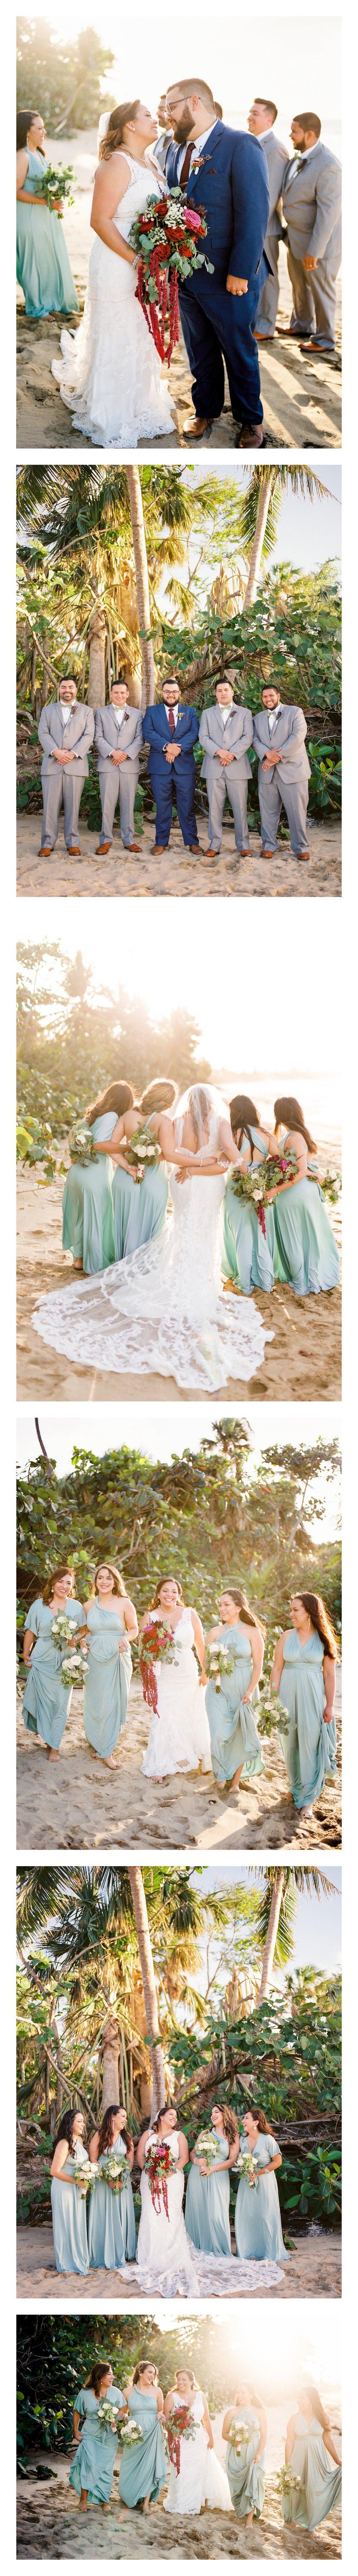 villa-montana-resort-isabela-puerto-rico-wedding_0015.jpg